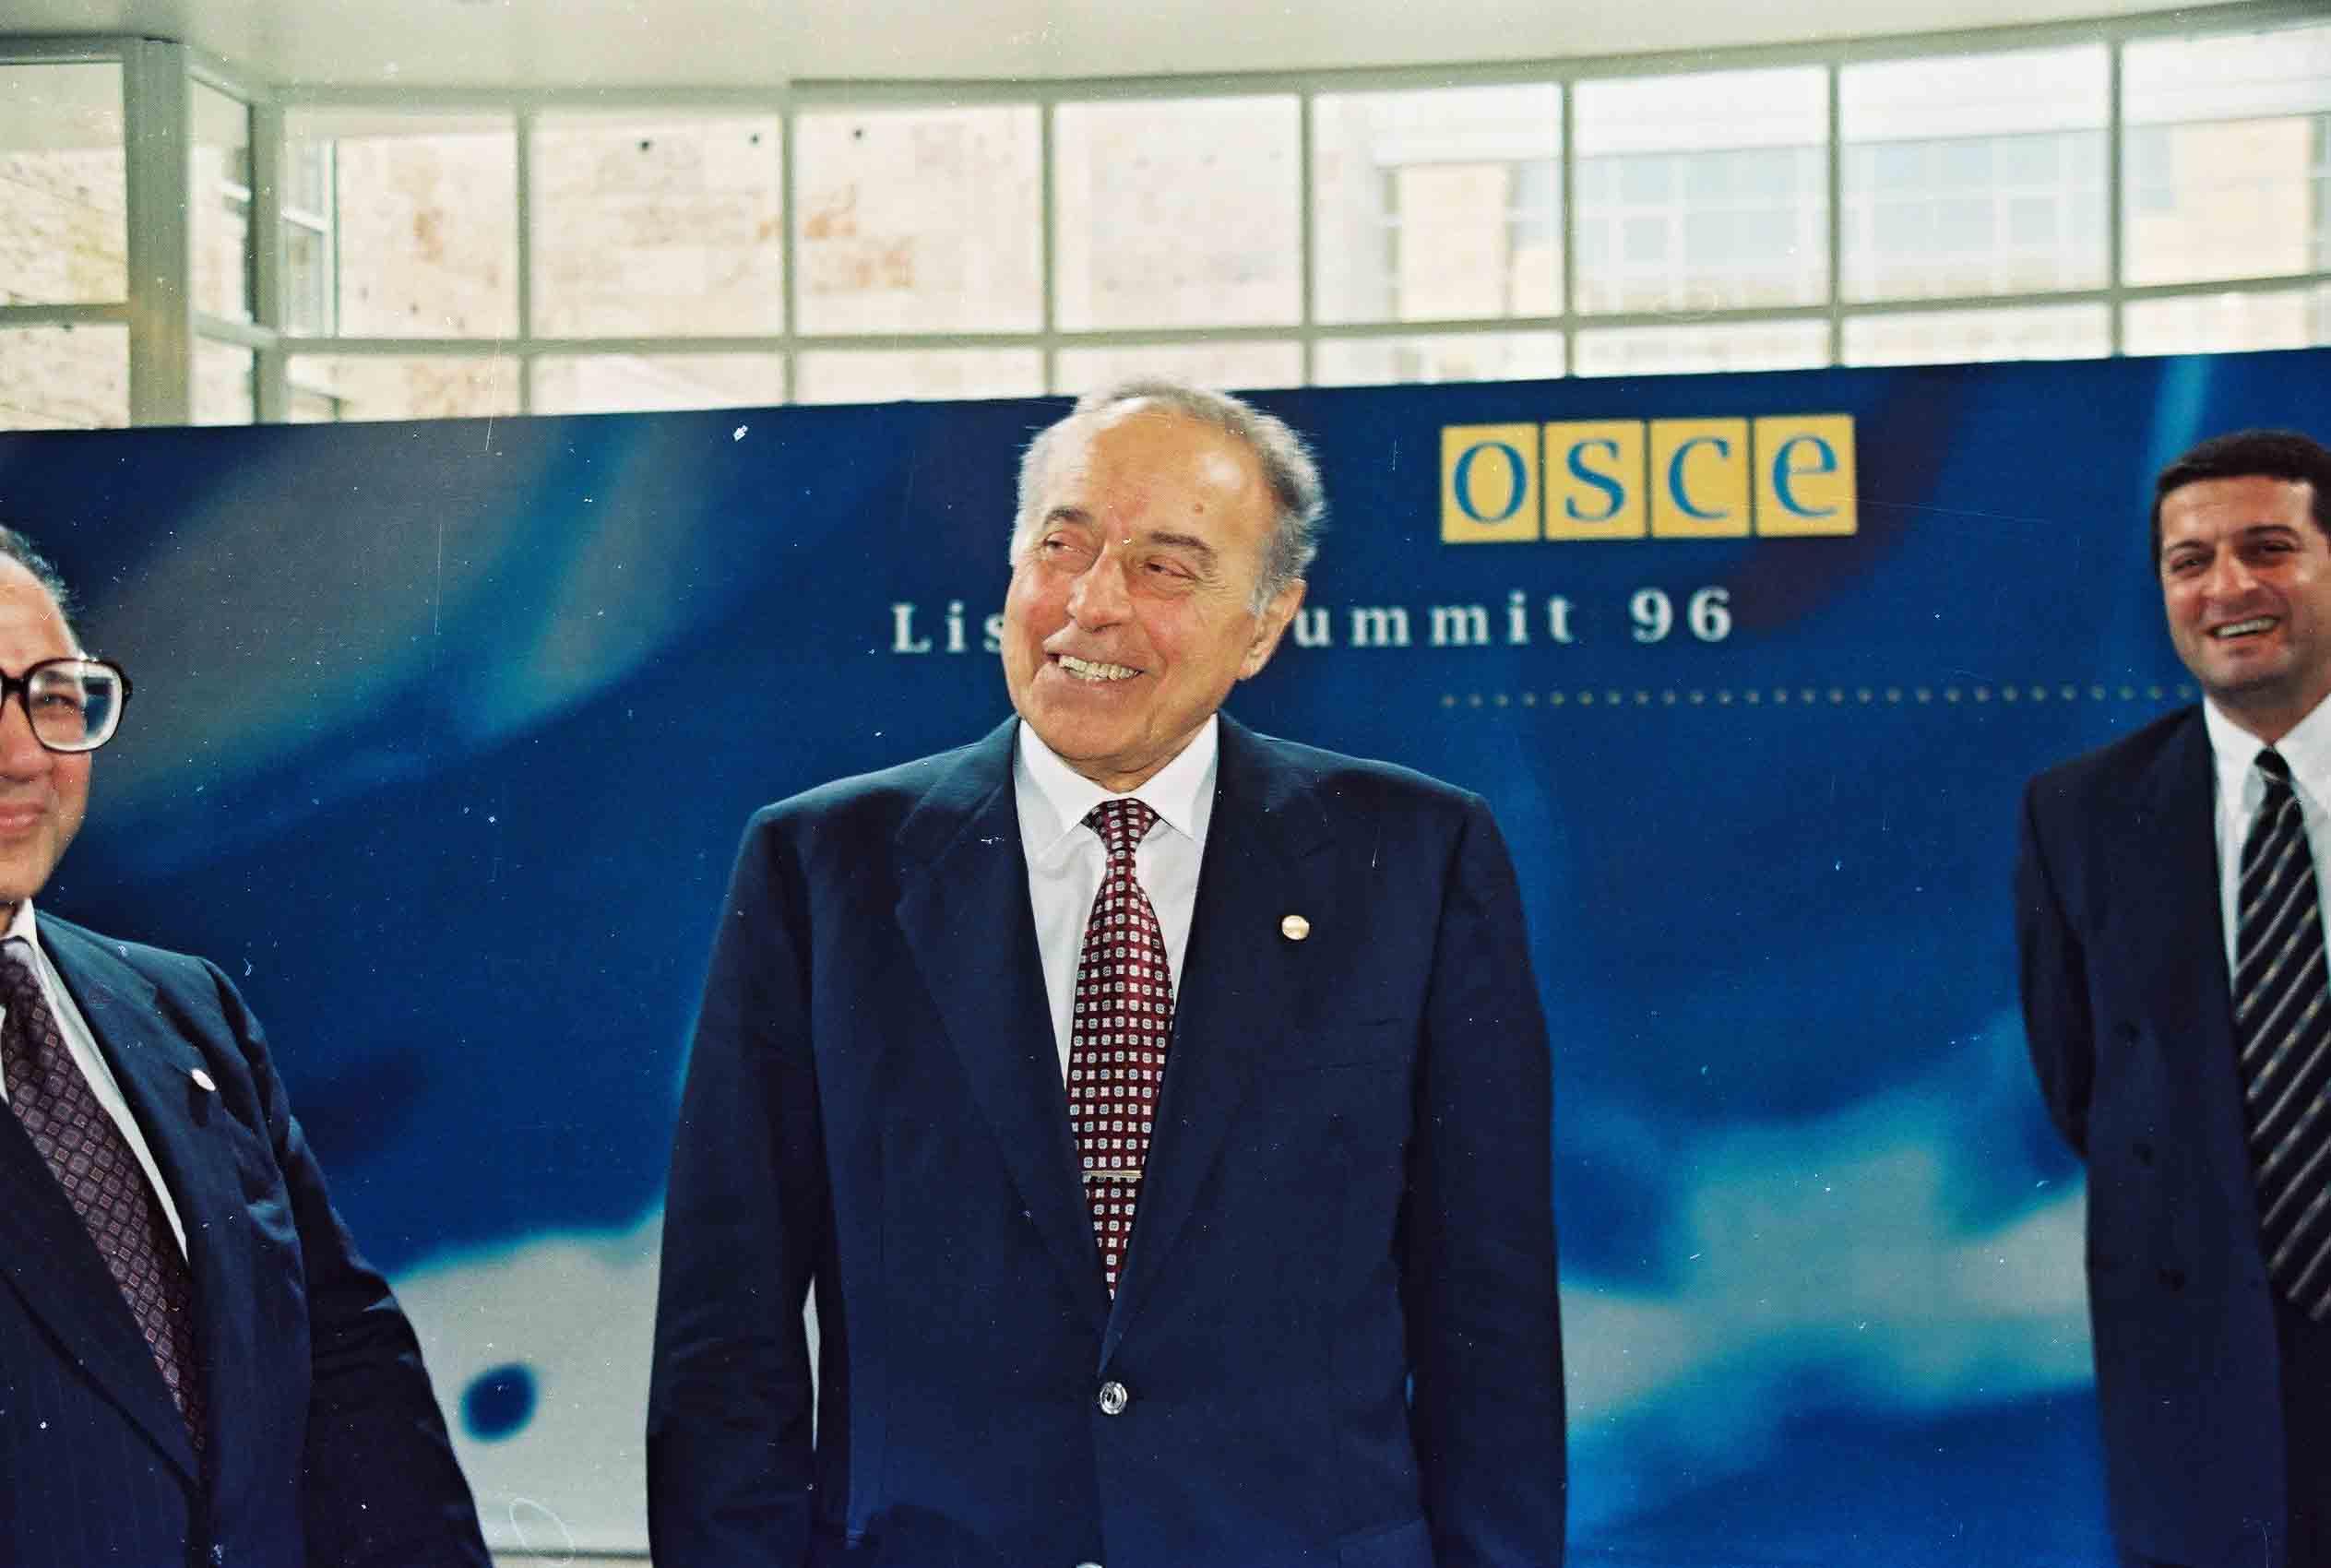 Речь Президента Азербайджанской Республики Гейдара Алиева на заключительном заседании Лиссабонского саммита ОБСЕ - 3 декабря 1996 года